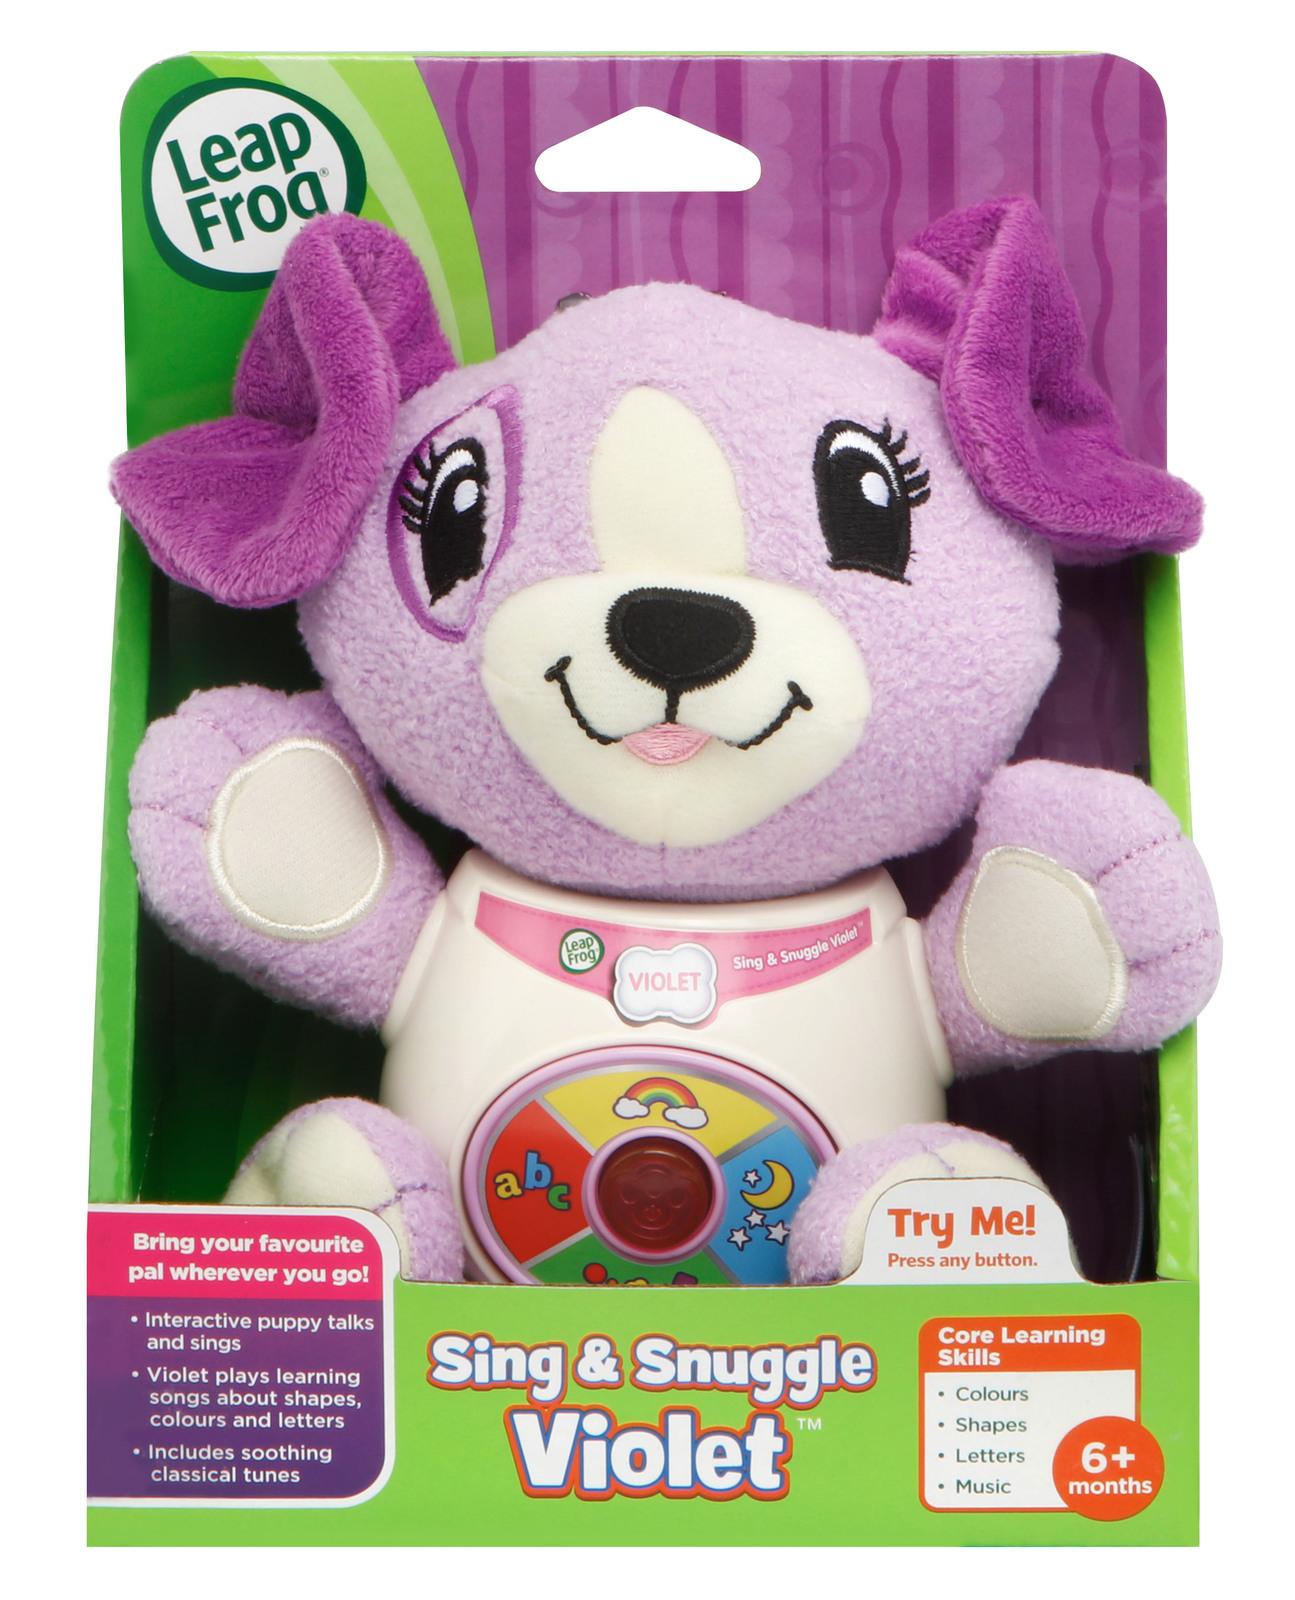 Leapfrog - Sing & Snuggle Violet image